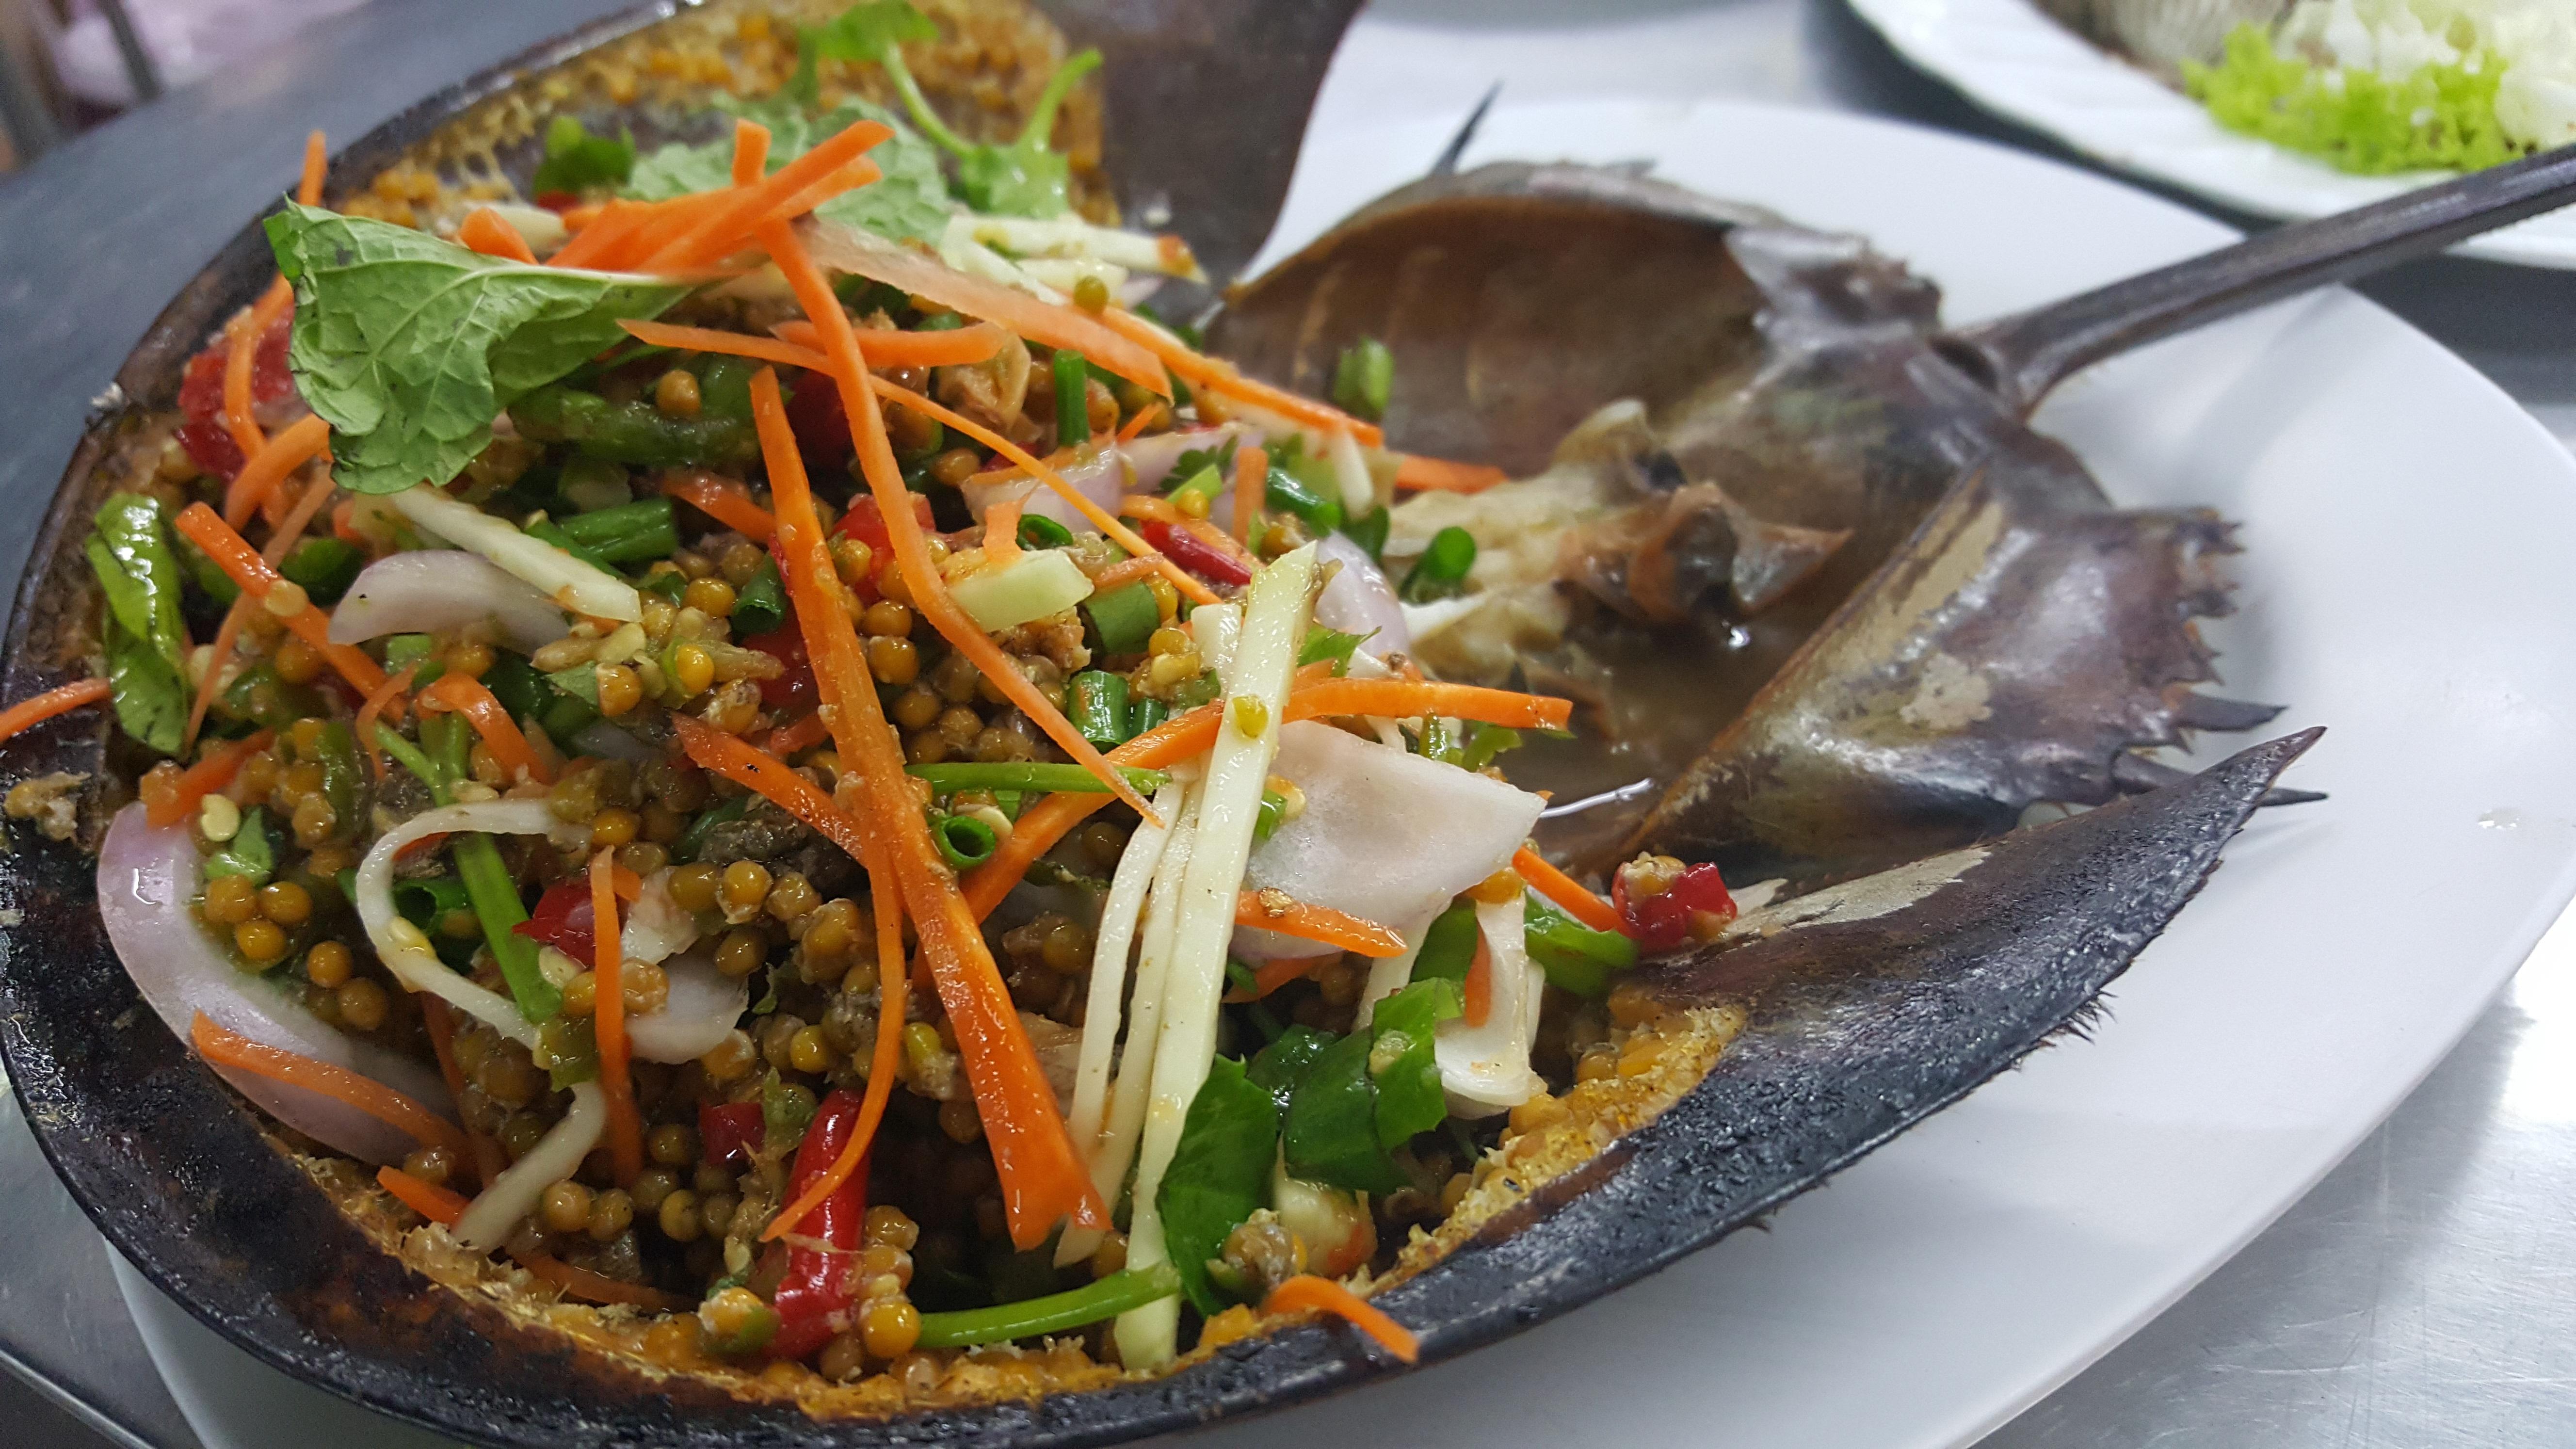 Gambar Hidangan Makan Makanan Laut Ikan Masakan Lezat